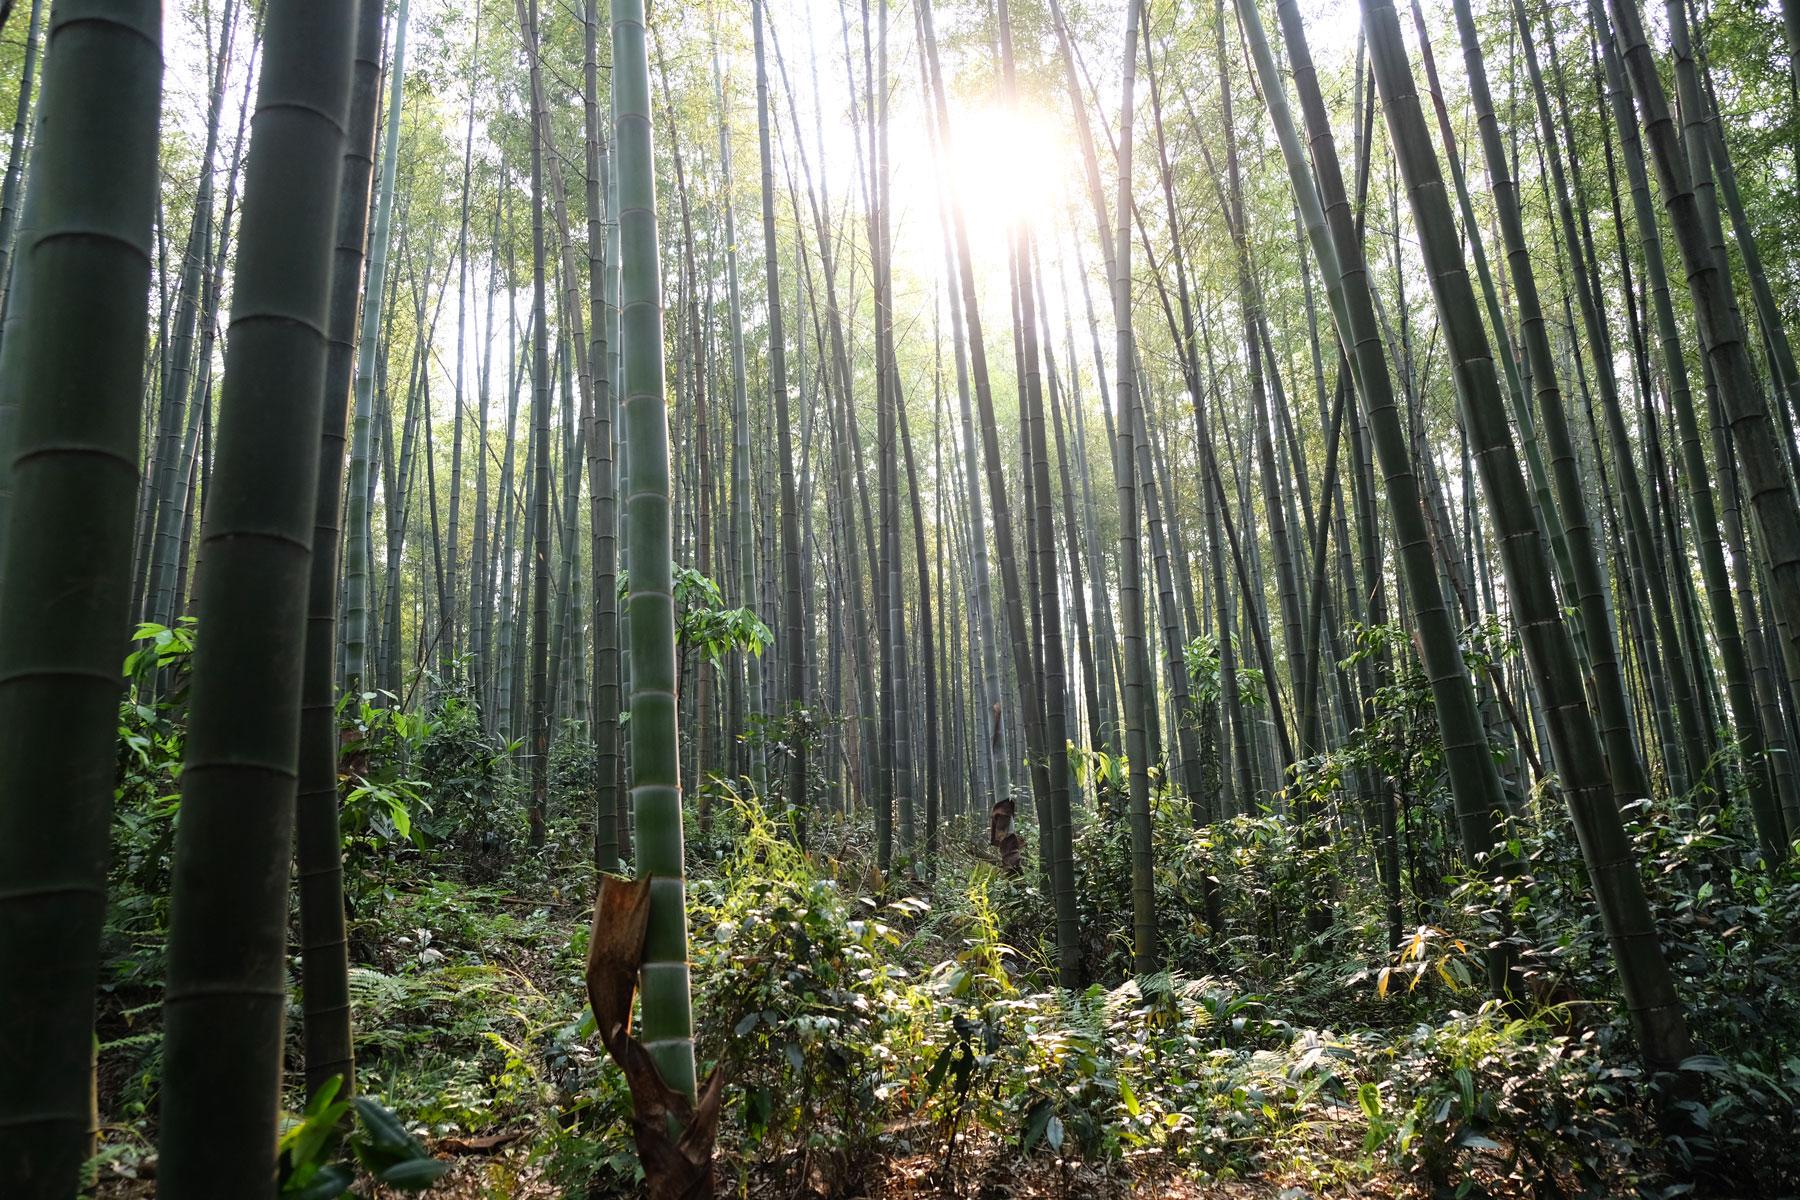 Als wir es schließlich schaffen, die Hauptwege zu verlassen, können wir den schönen Bambuswald endlich genießen